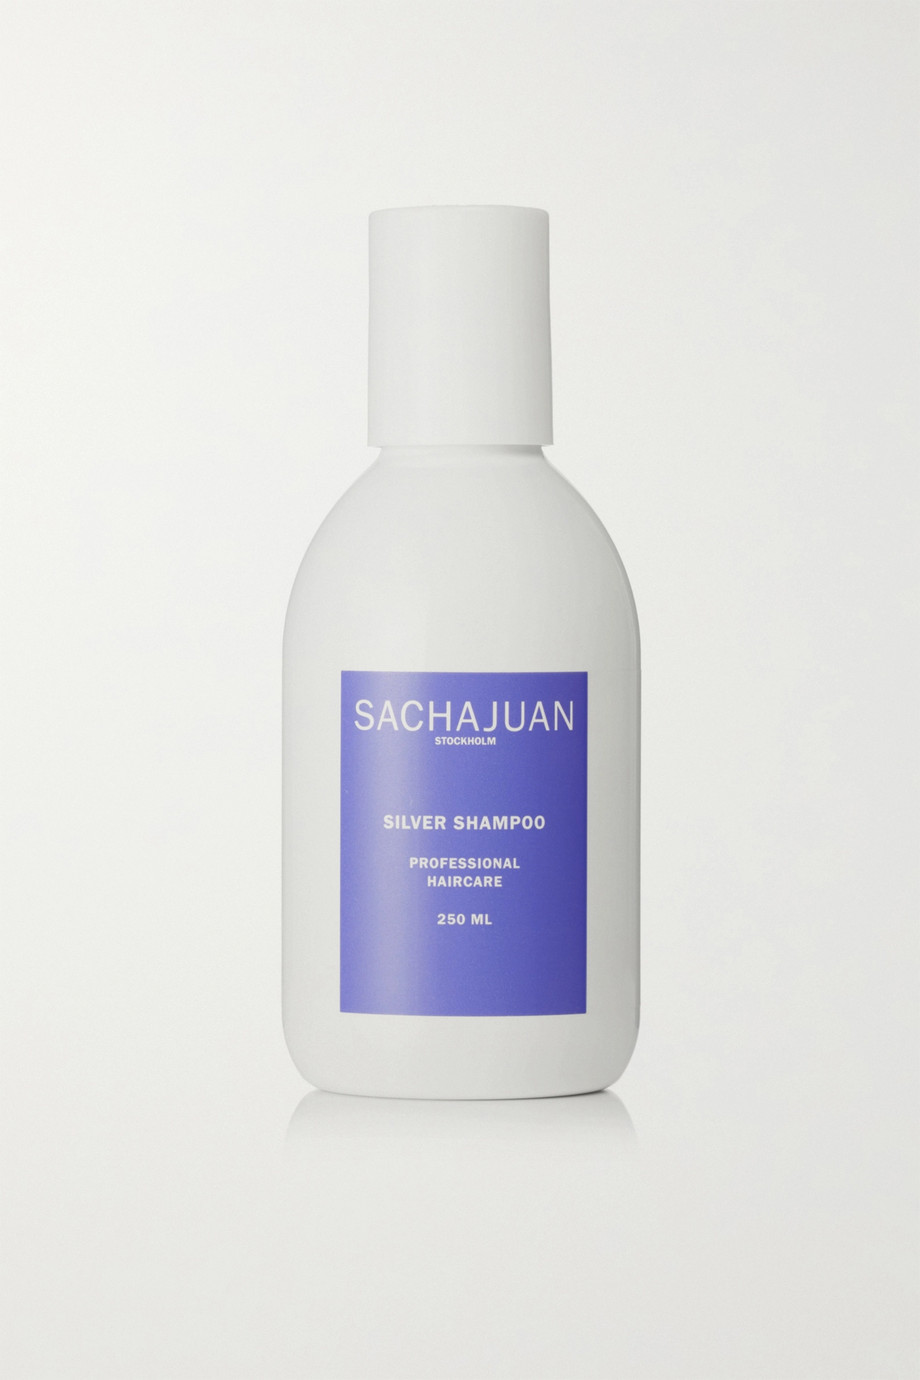 SACHAJUAN Silver shampoo, 250ml